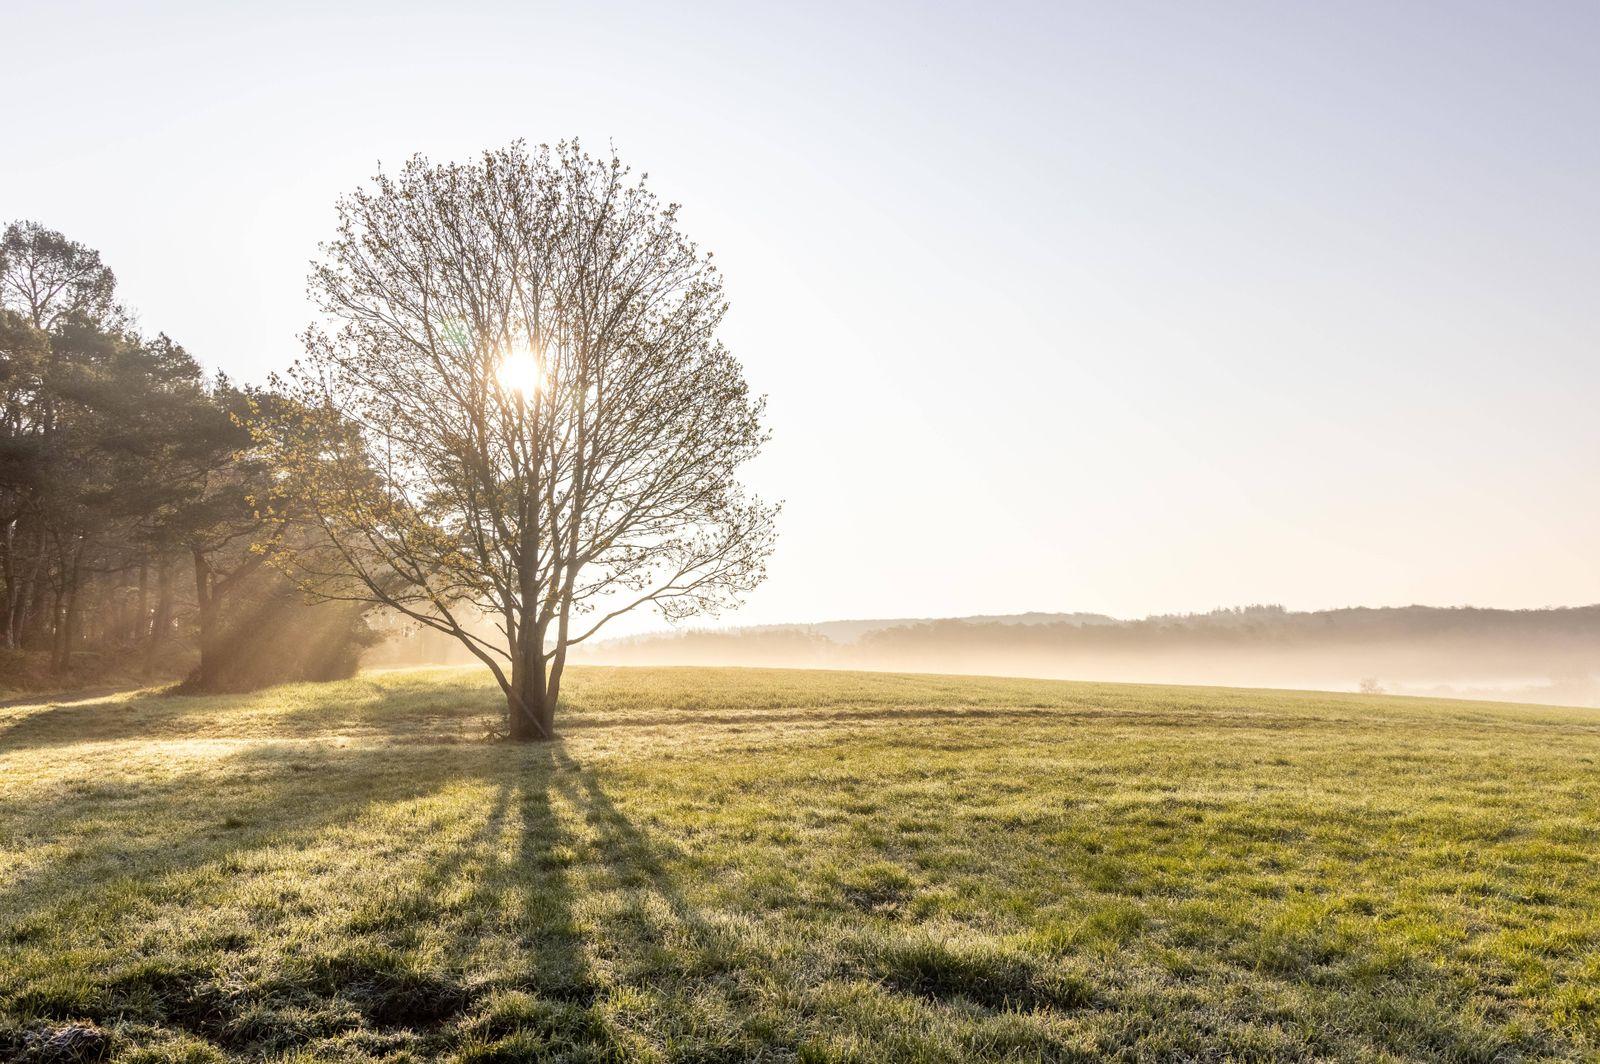 Sonniger Aprilmorgen 20.04.2021, Wehrheim (Hessen): Die Sonne scheint am Morgen bei letzten Nebelschwaden über den Bäume